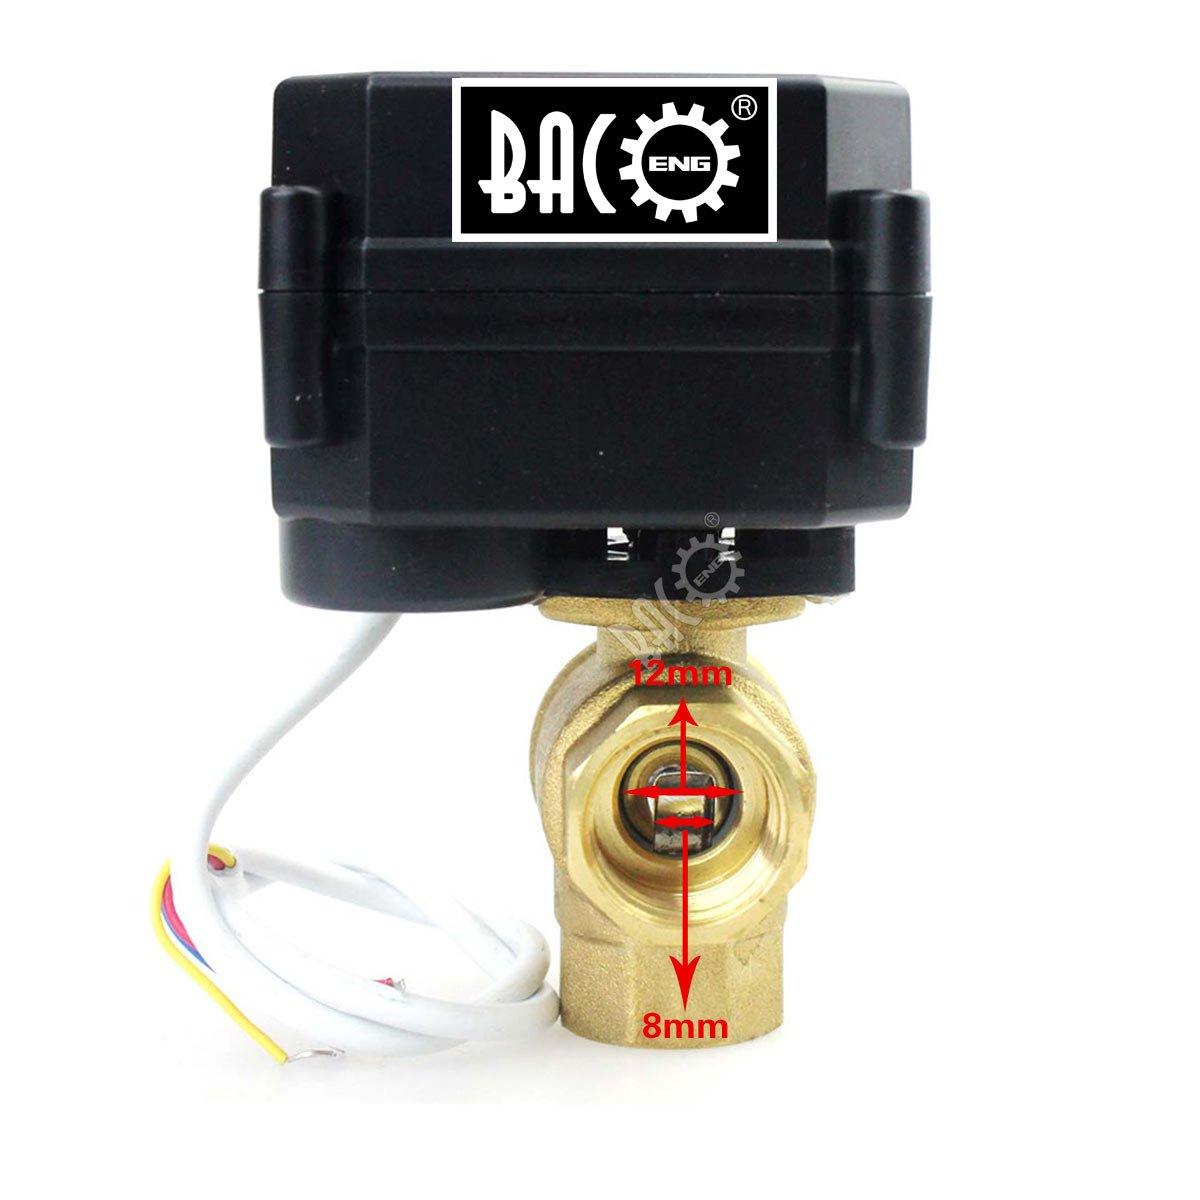 BACOENG Vanne 2 voies motoris/ée 1//2 DN15 Laiton AC//DC9-24V CR04 normalement ferm/ée